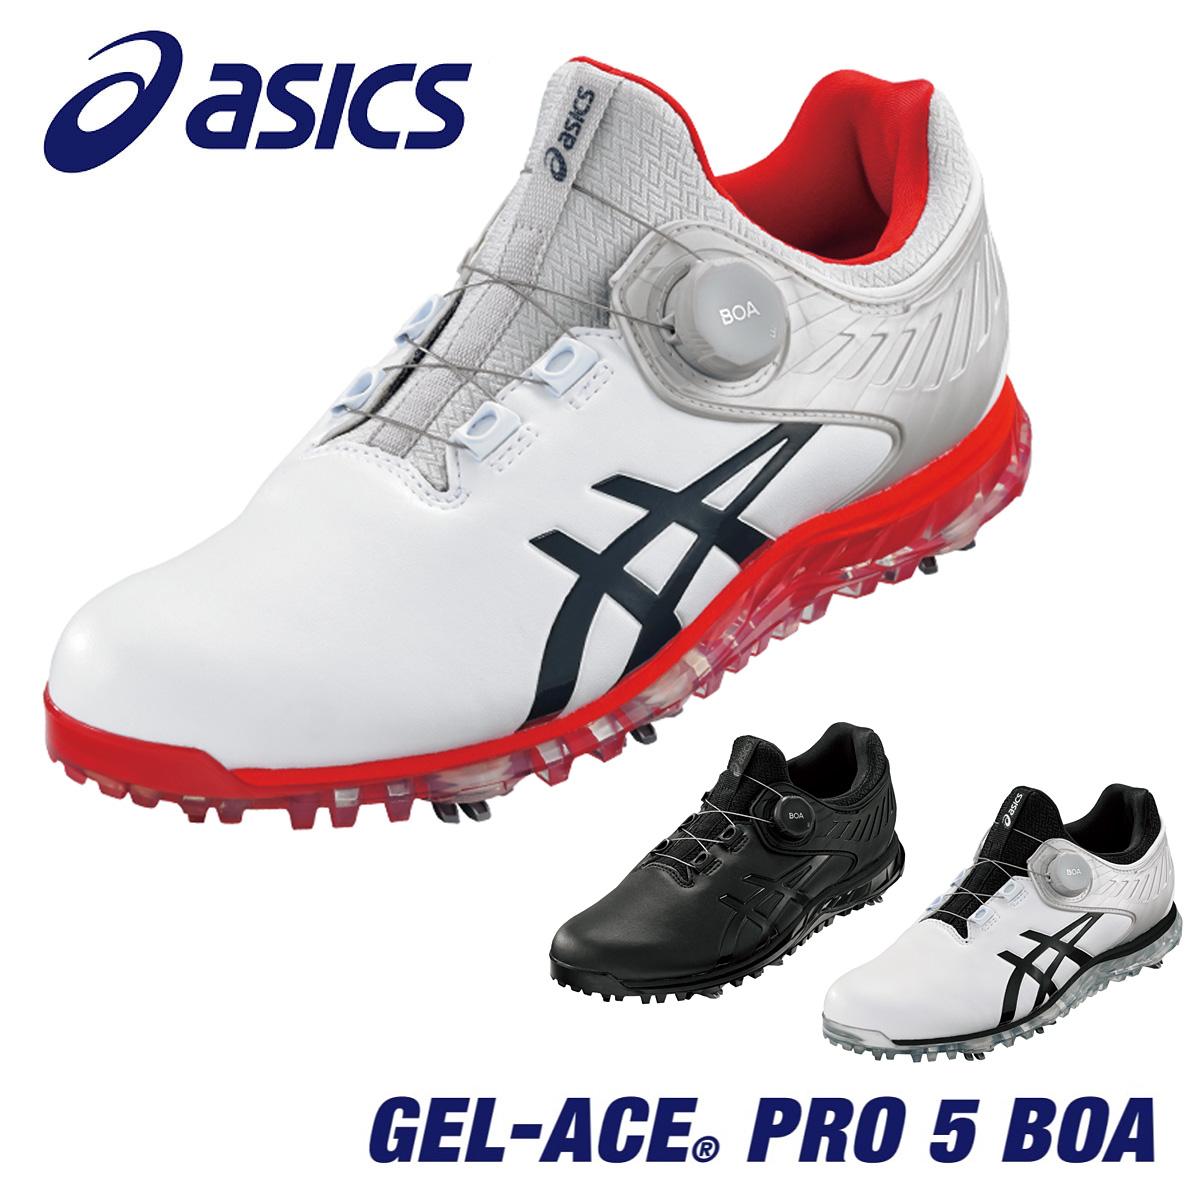 履き心地を追求したプロモデル ASICS アシックス 日本正規品 送料無料でお届けします GEL-ACE PRO 5 2021新製品 お気に入 ソフトスパイクゴルフシューズ あす楽対応 ゲルエース Boa 1111A180 プロ5ボア